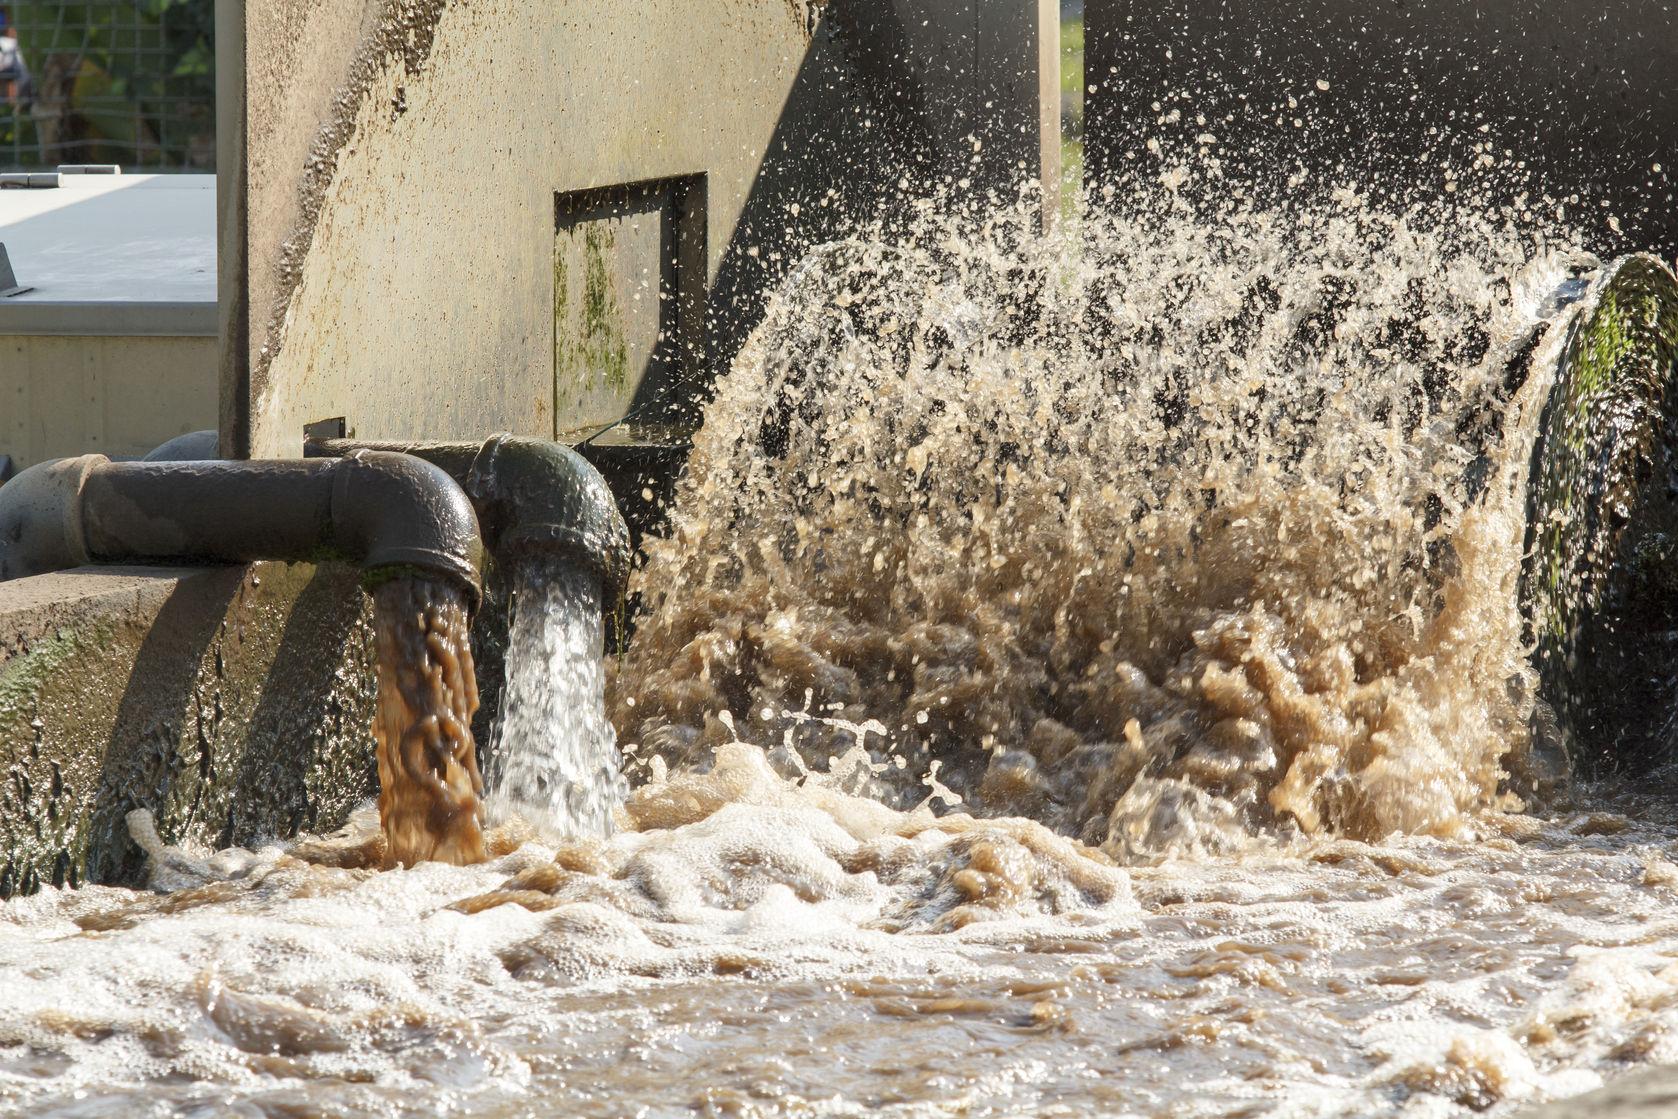 Campionamento-acque-di-scarico-produzione-industriale-modena